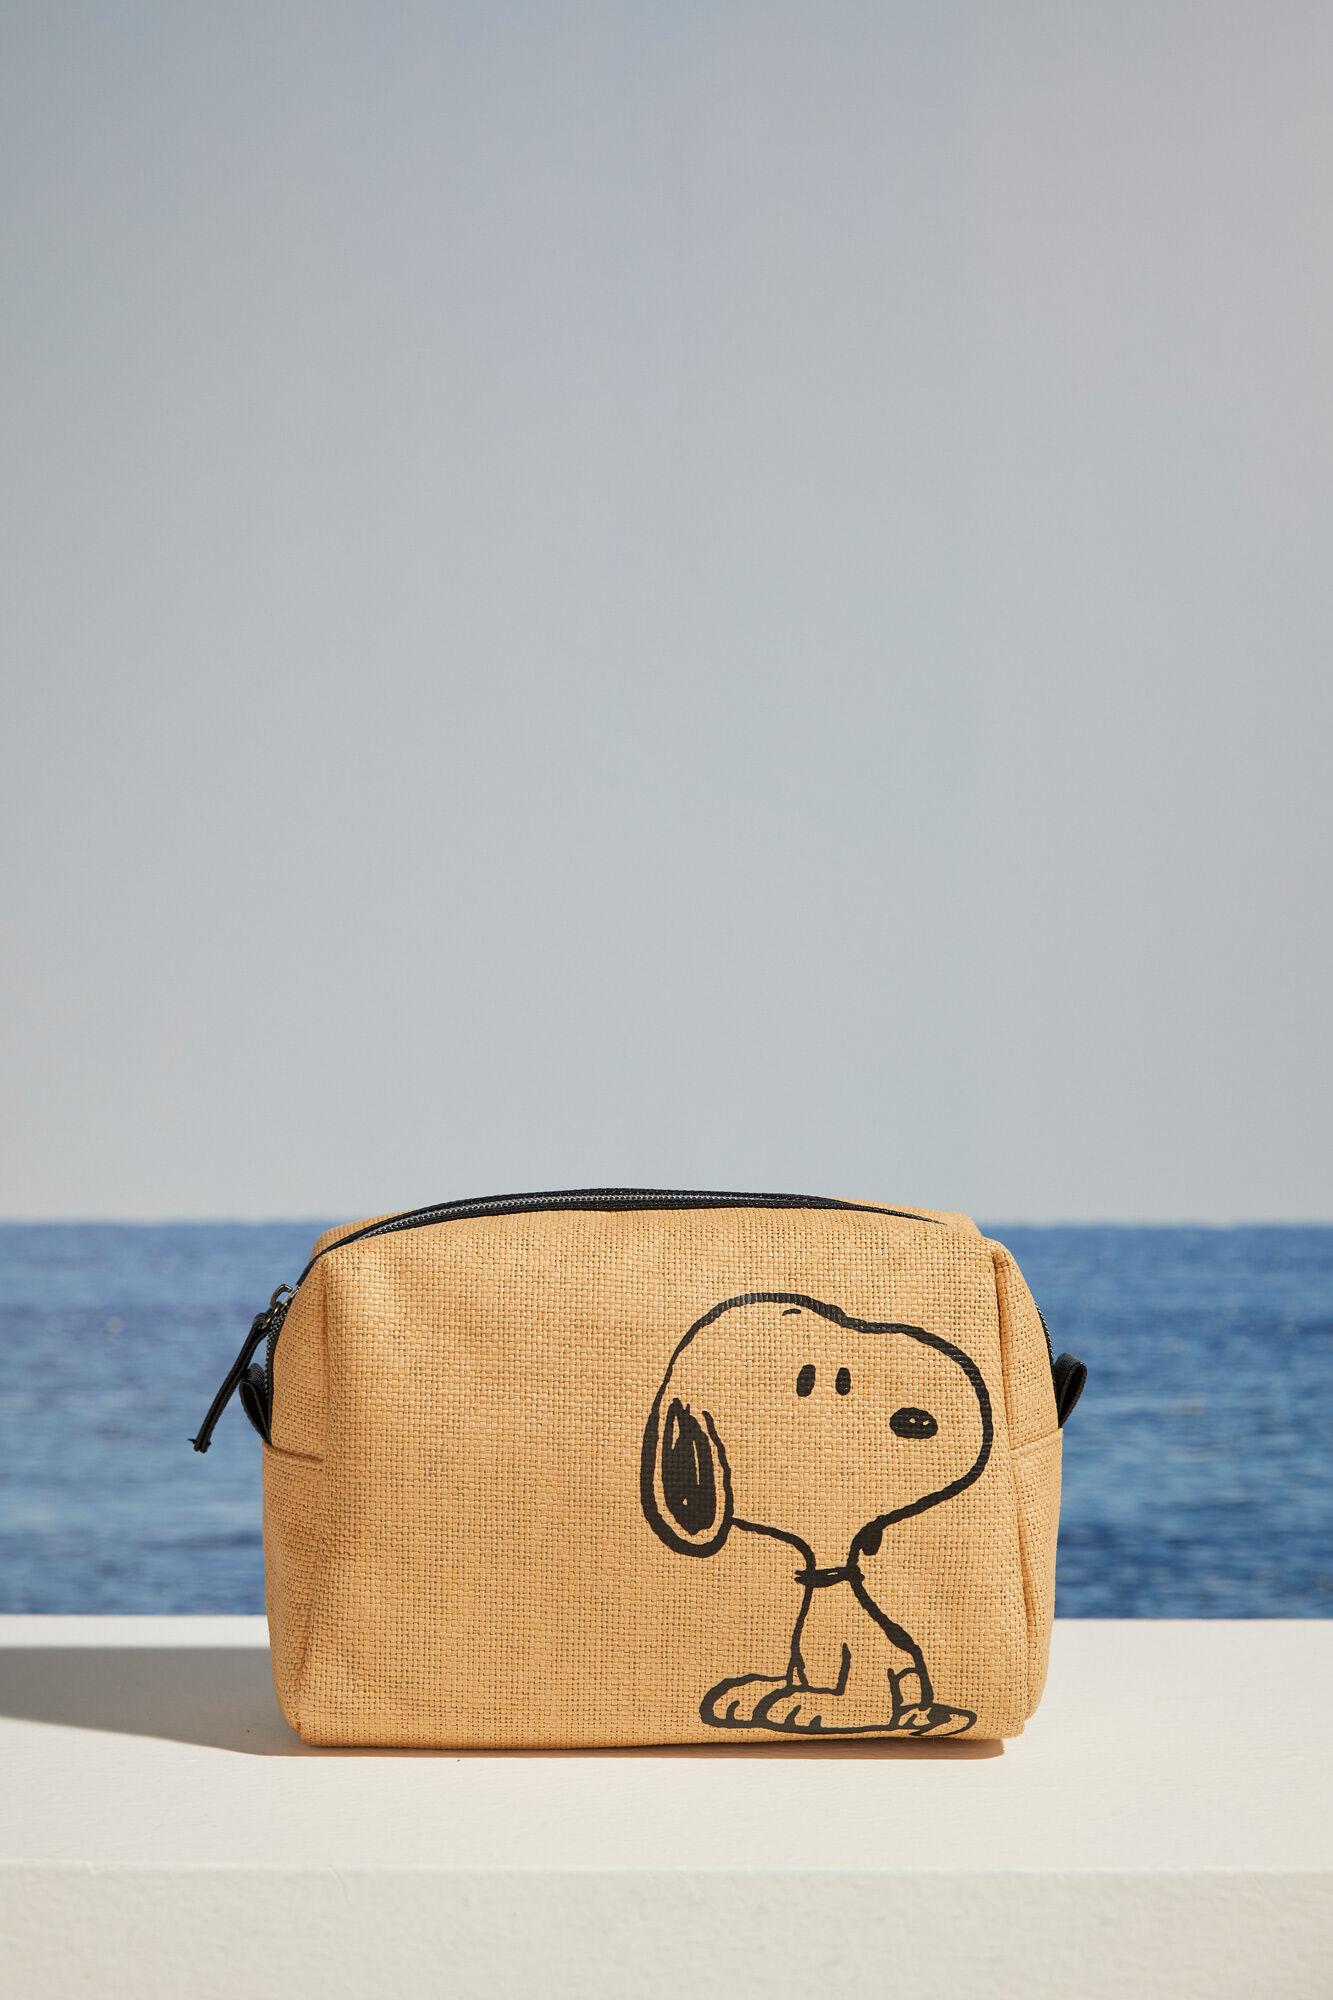 Neceser formato estuche rafia Snoopy